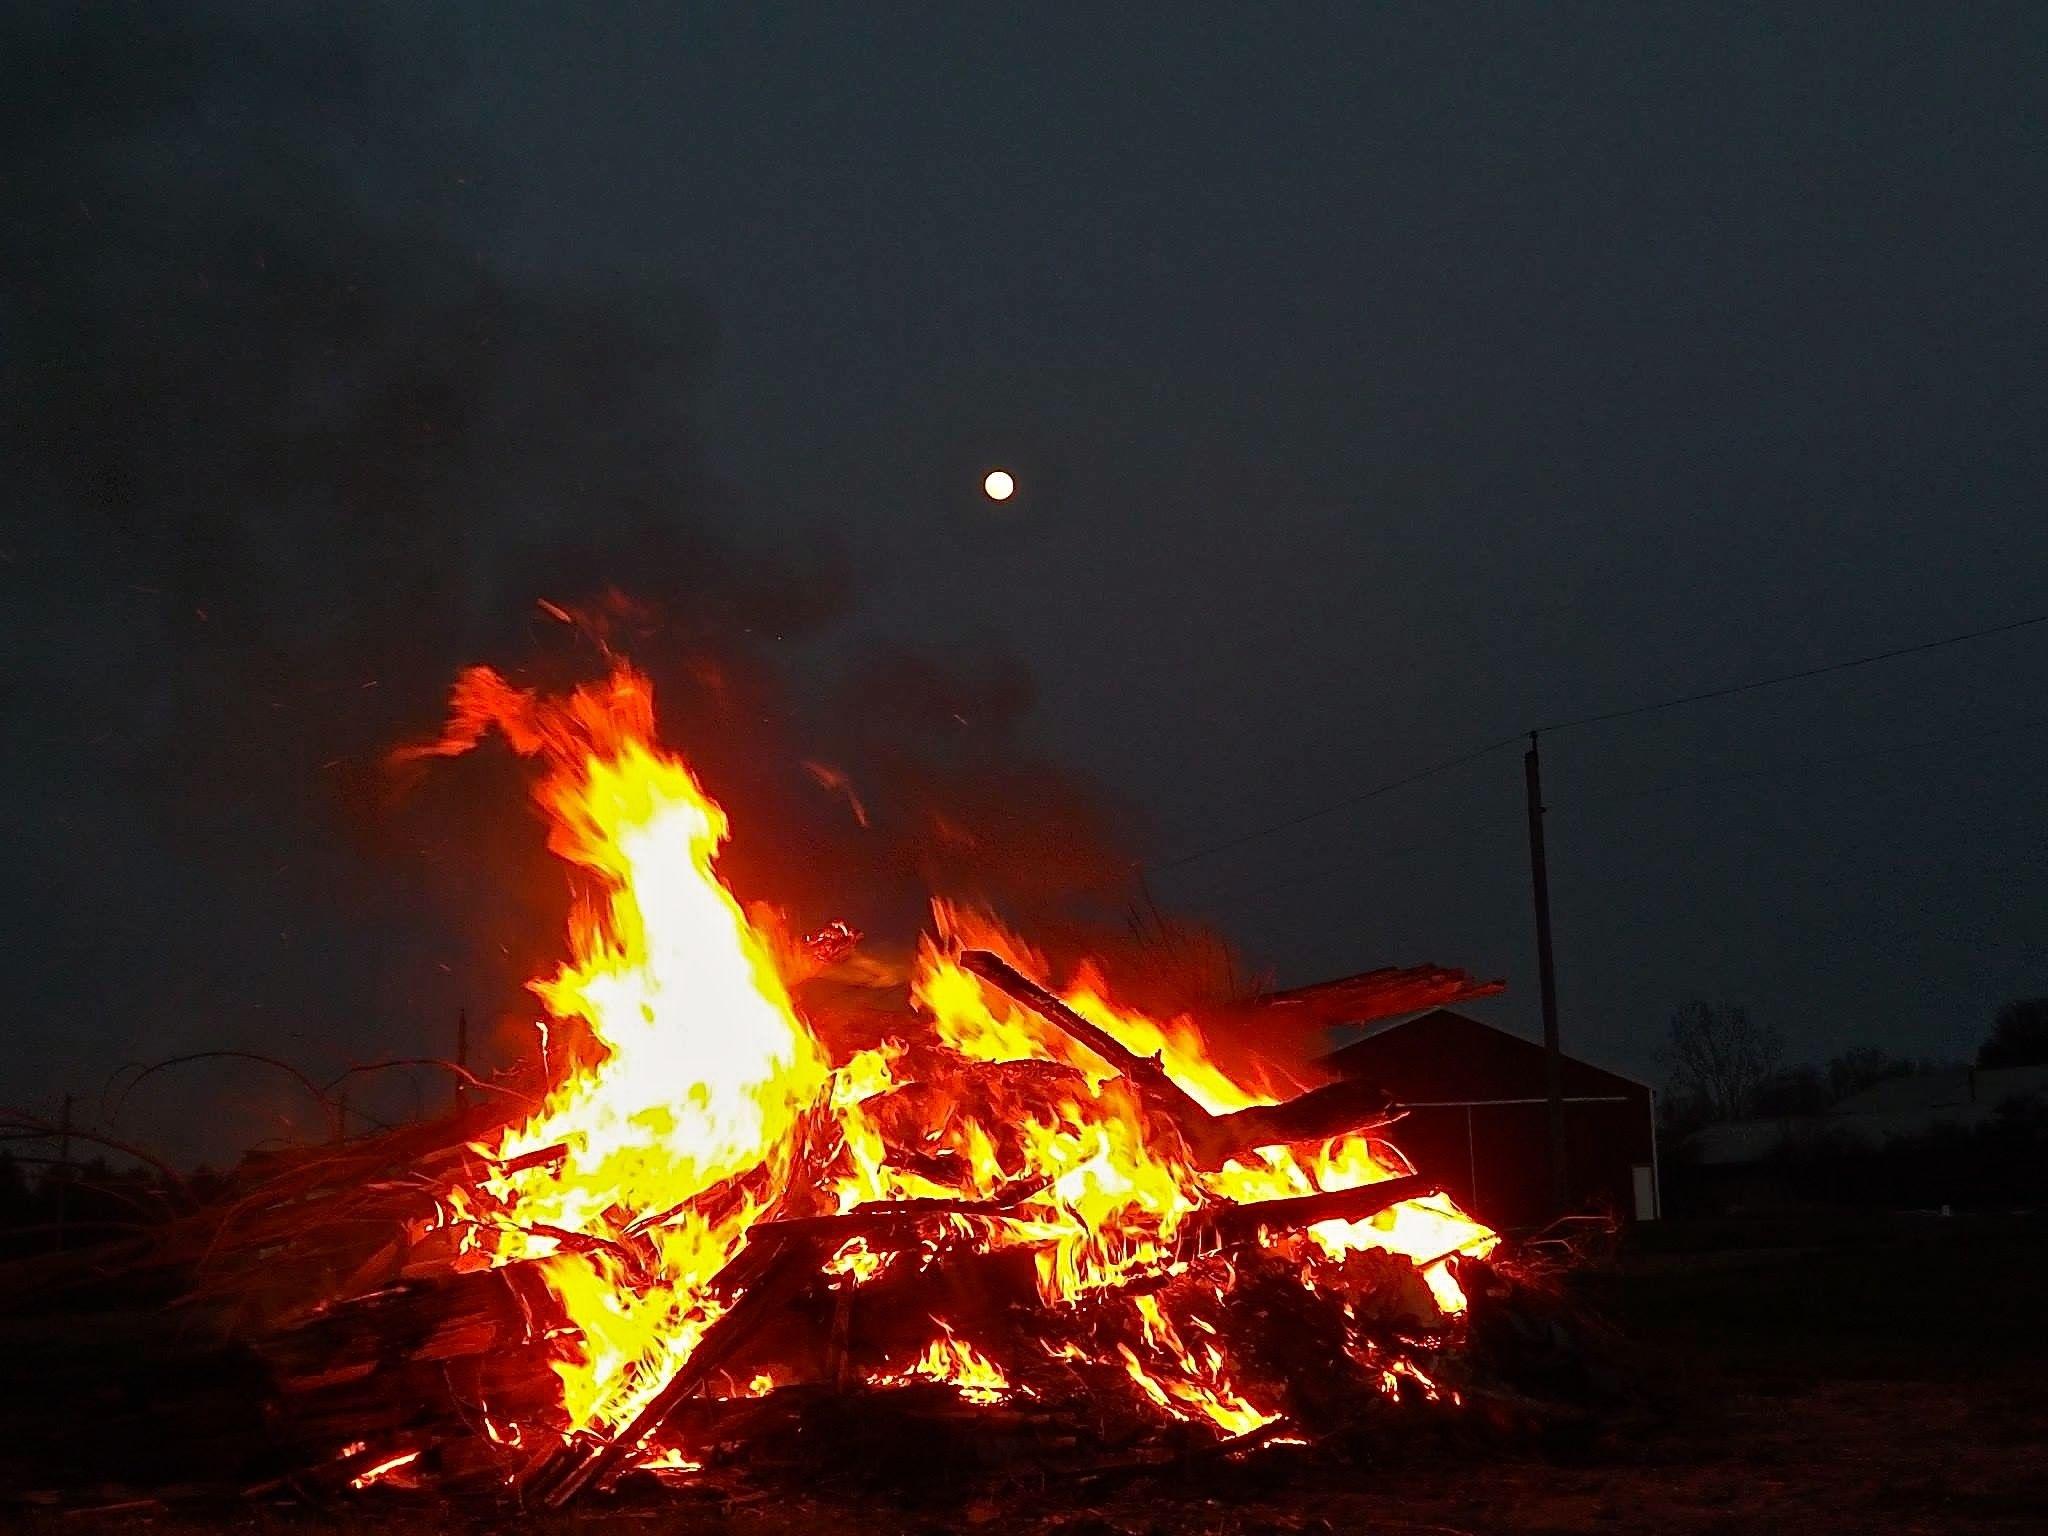 Brigid's Flames, Luna Watching by KimDonavan